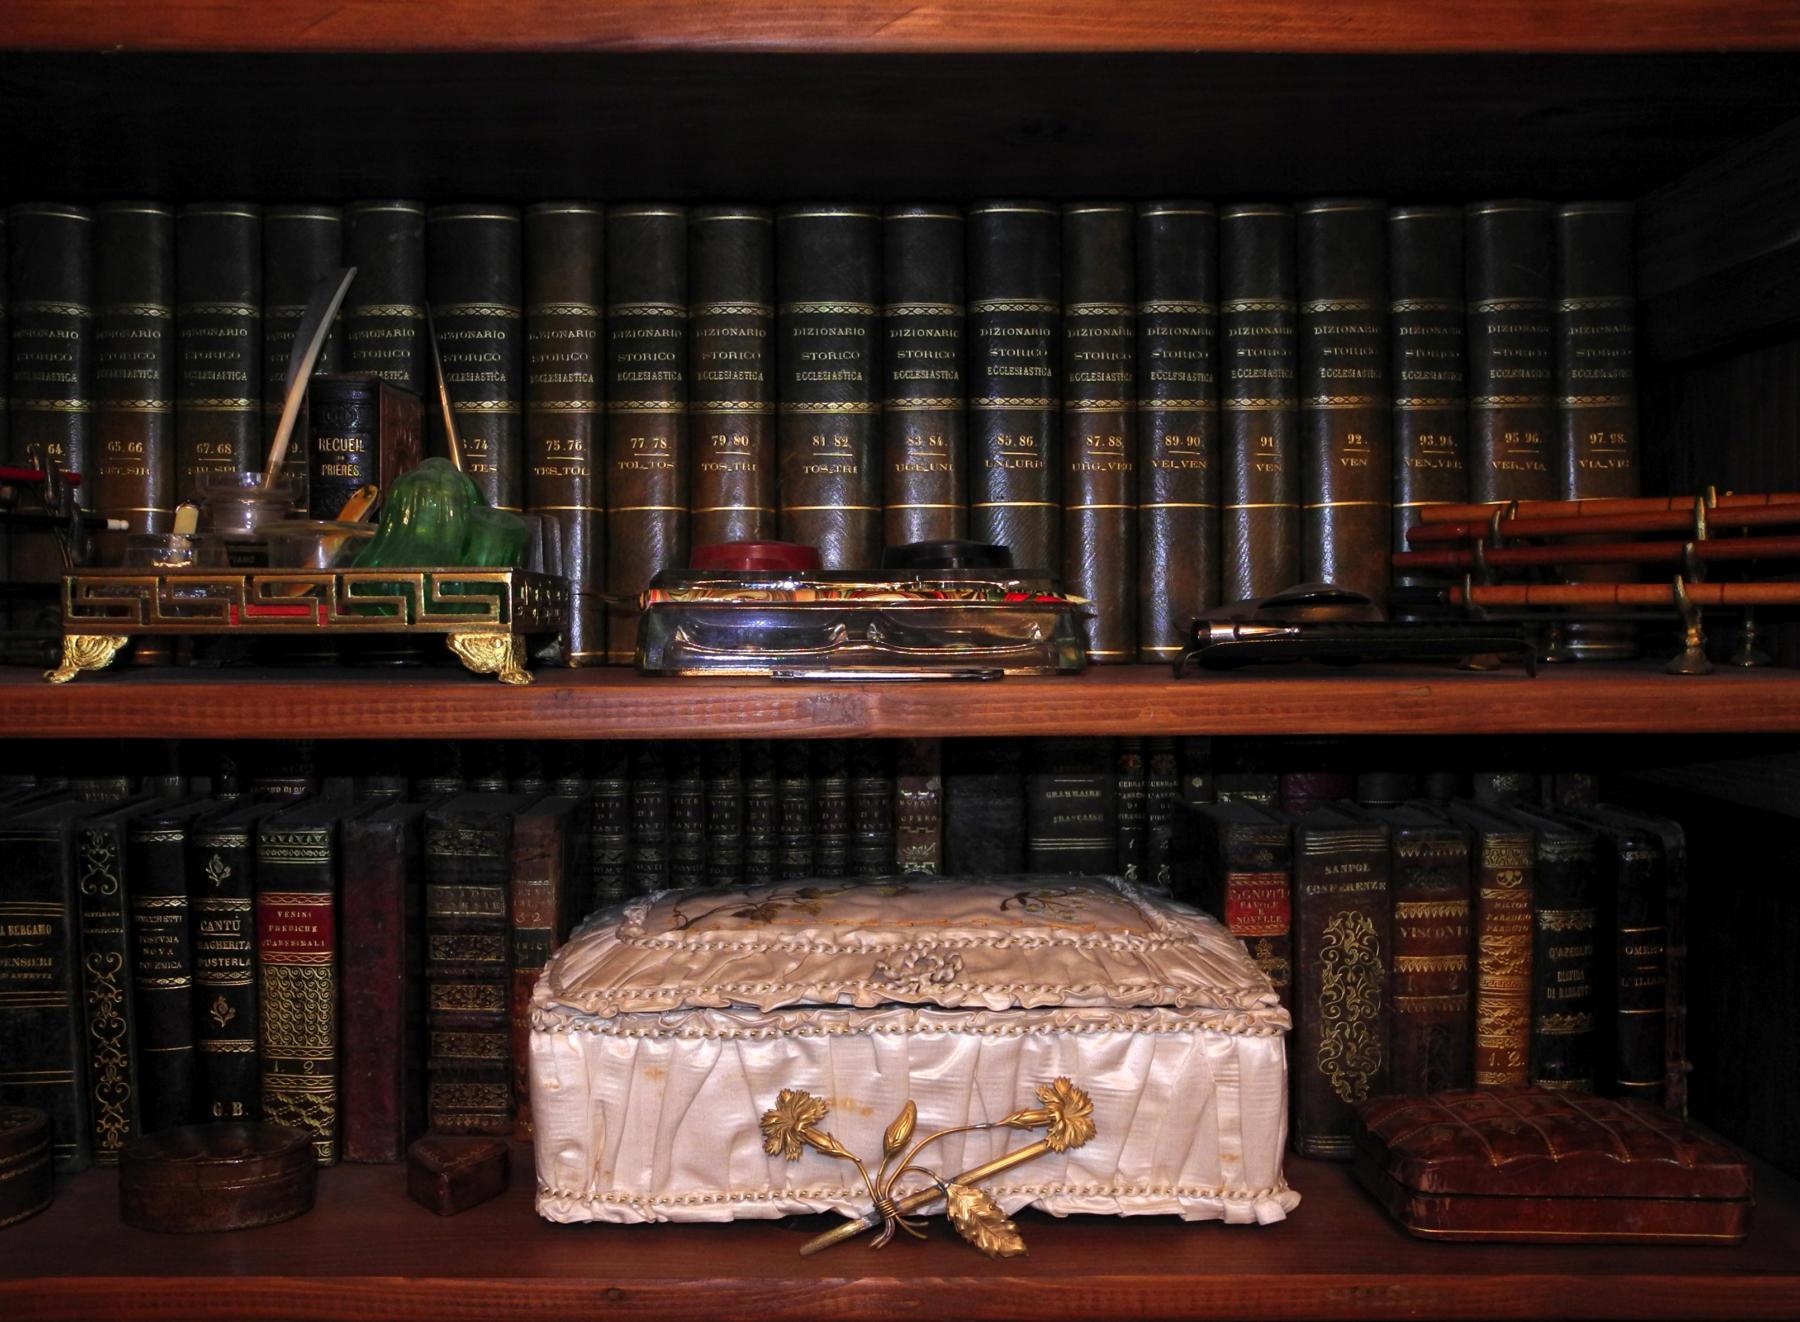 La mano sullo scaffale libreria brac - La mano sullo specchio ...